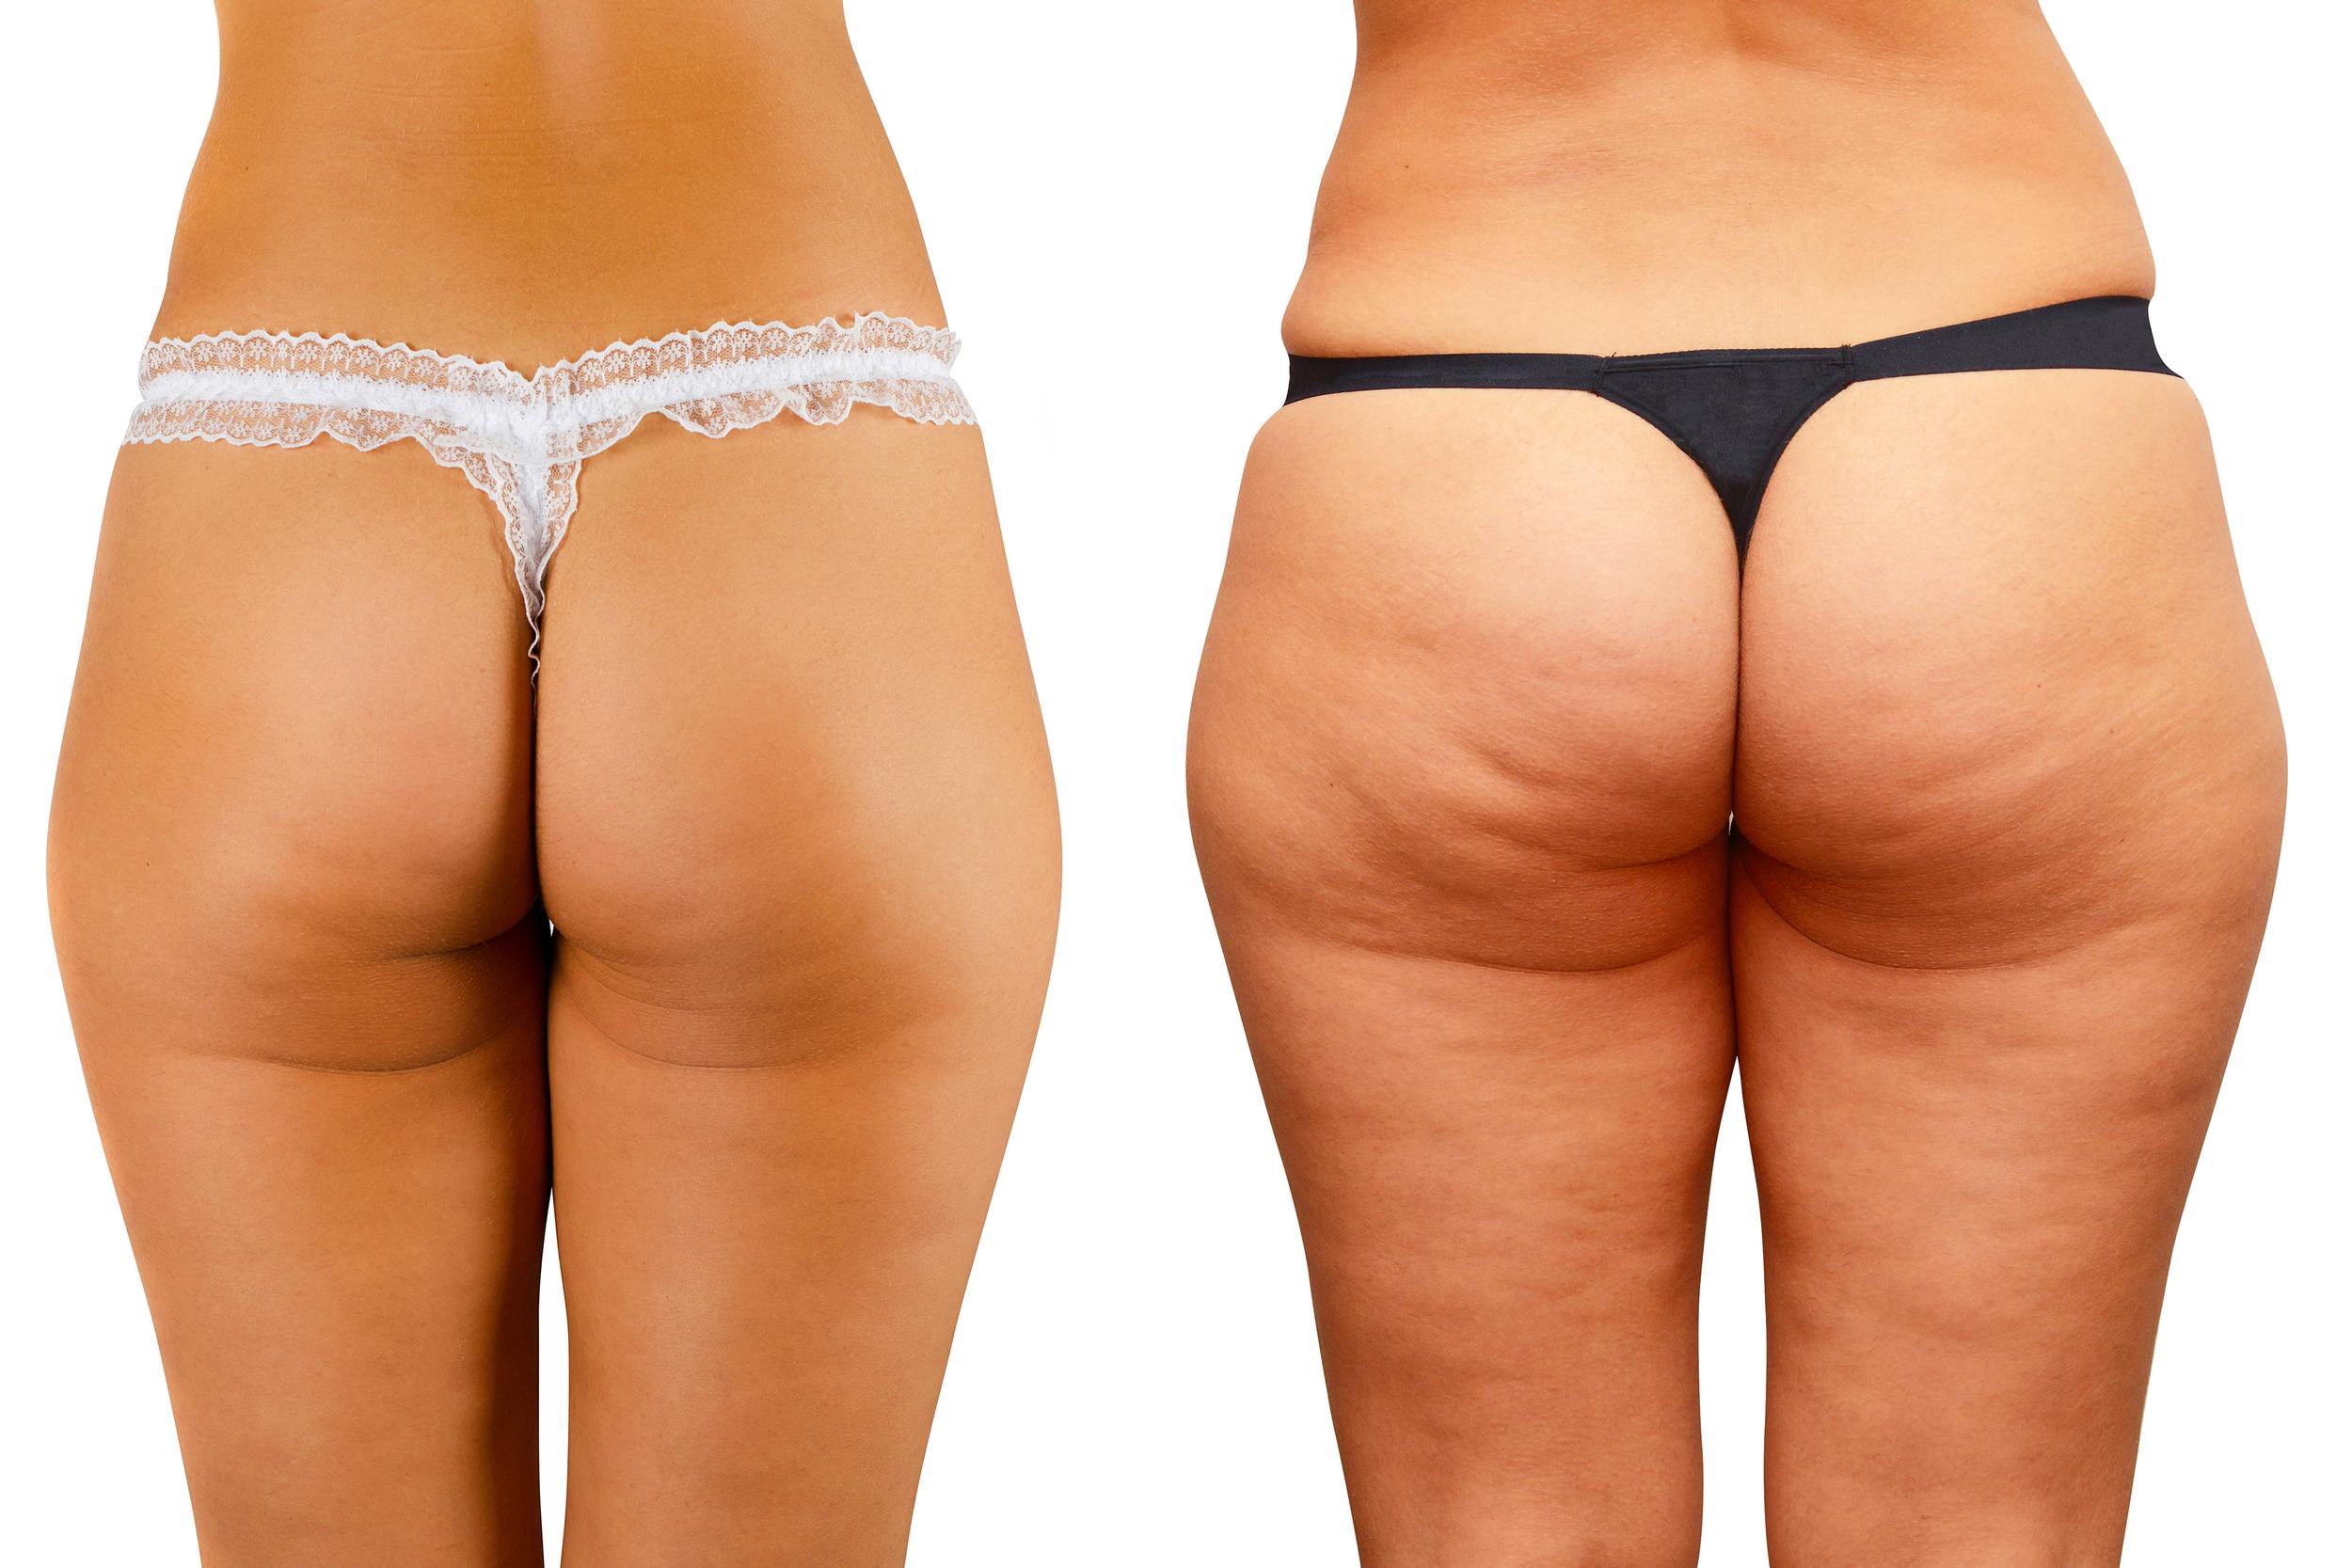 Cellulite Grade 1 to 3